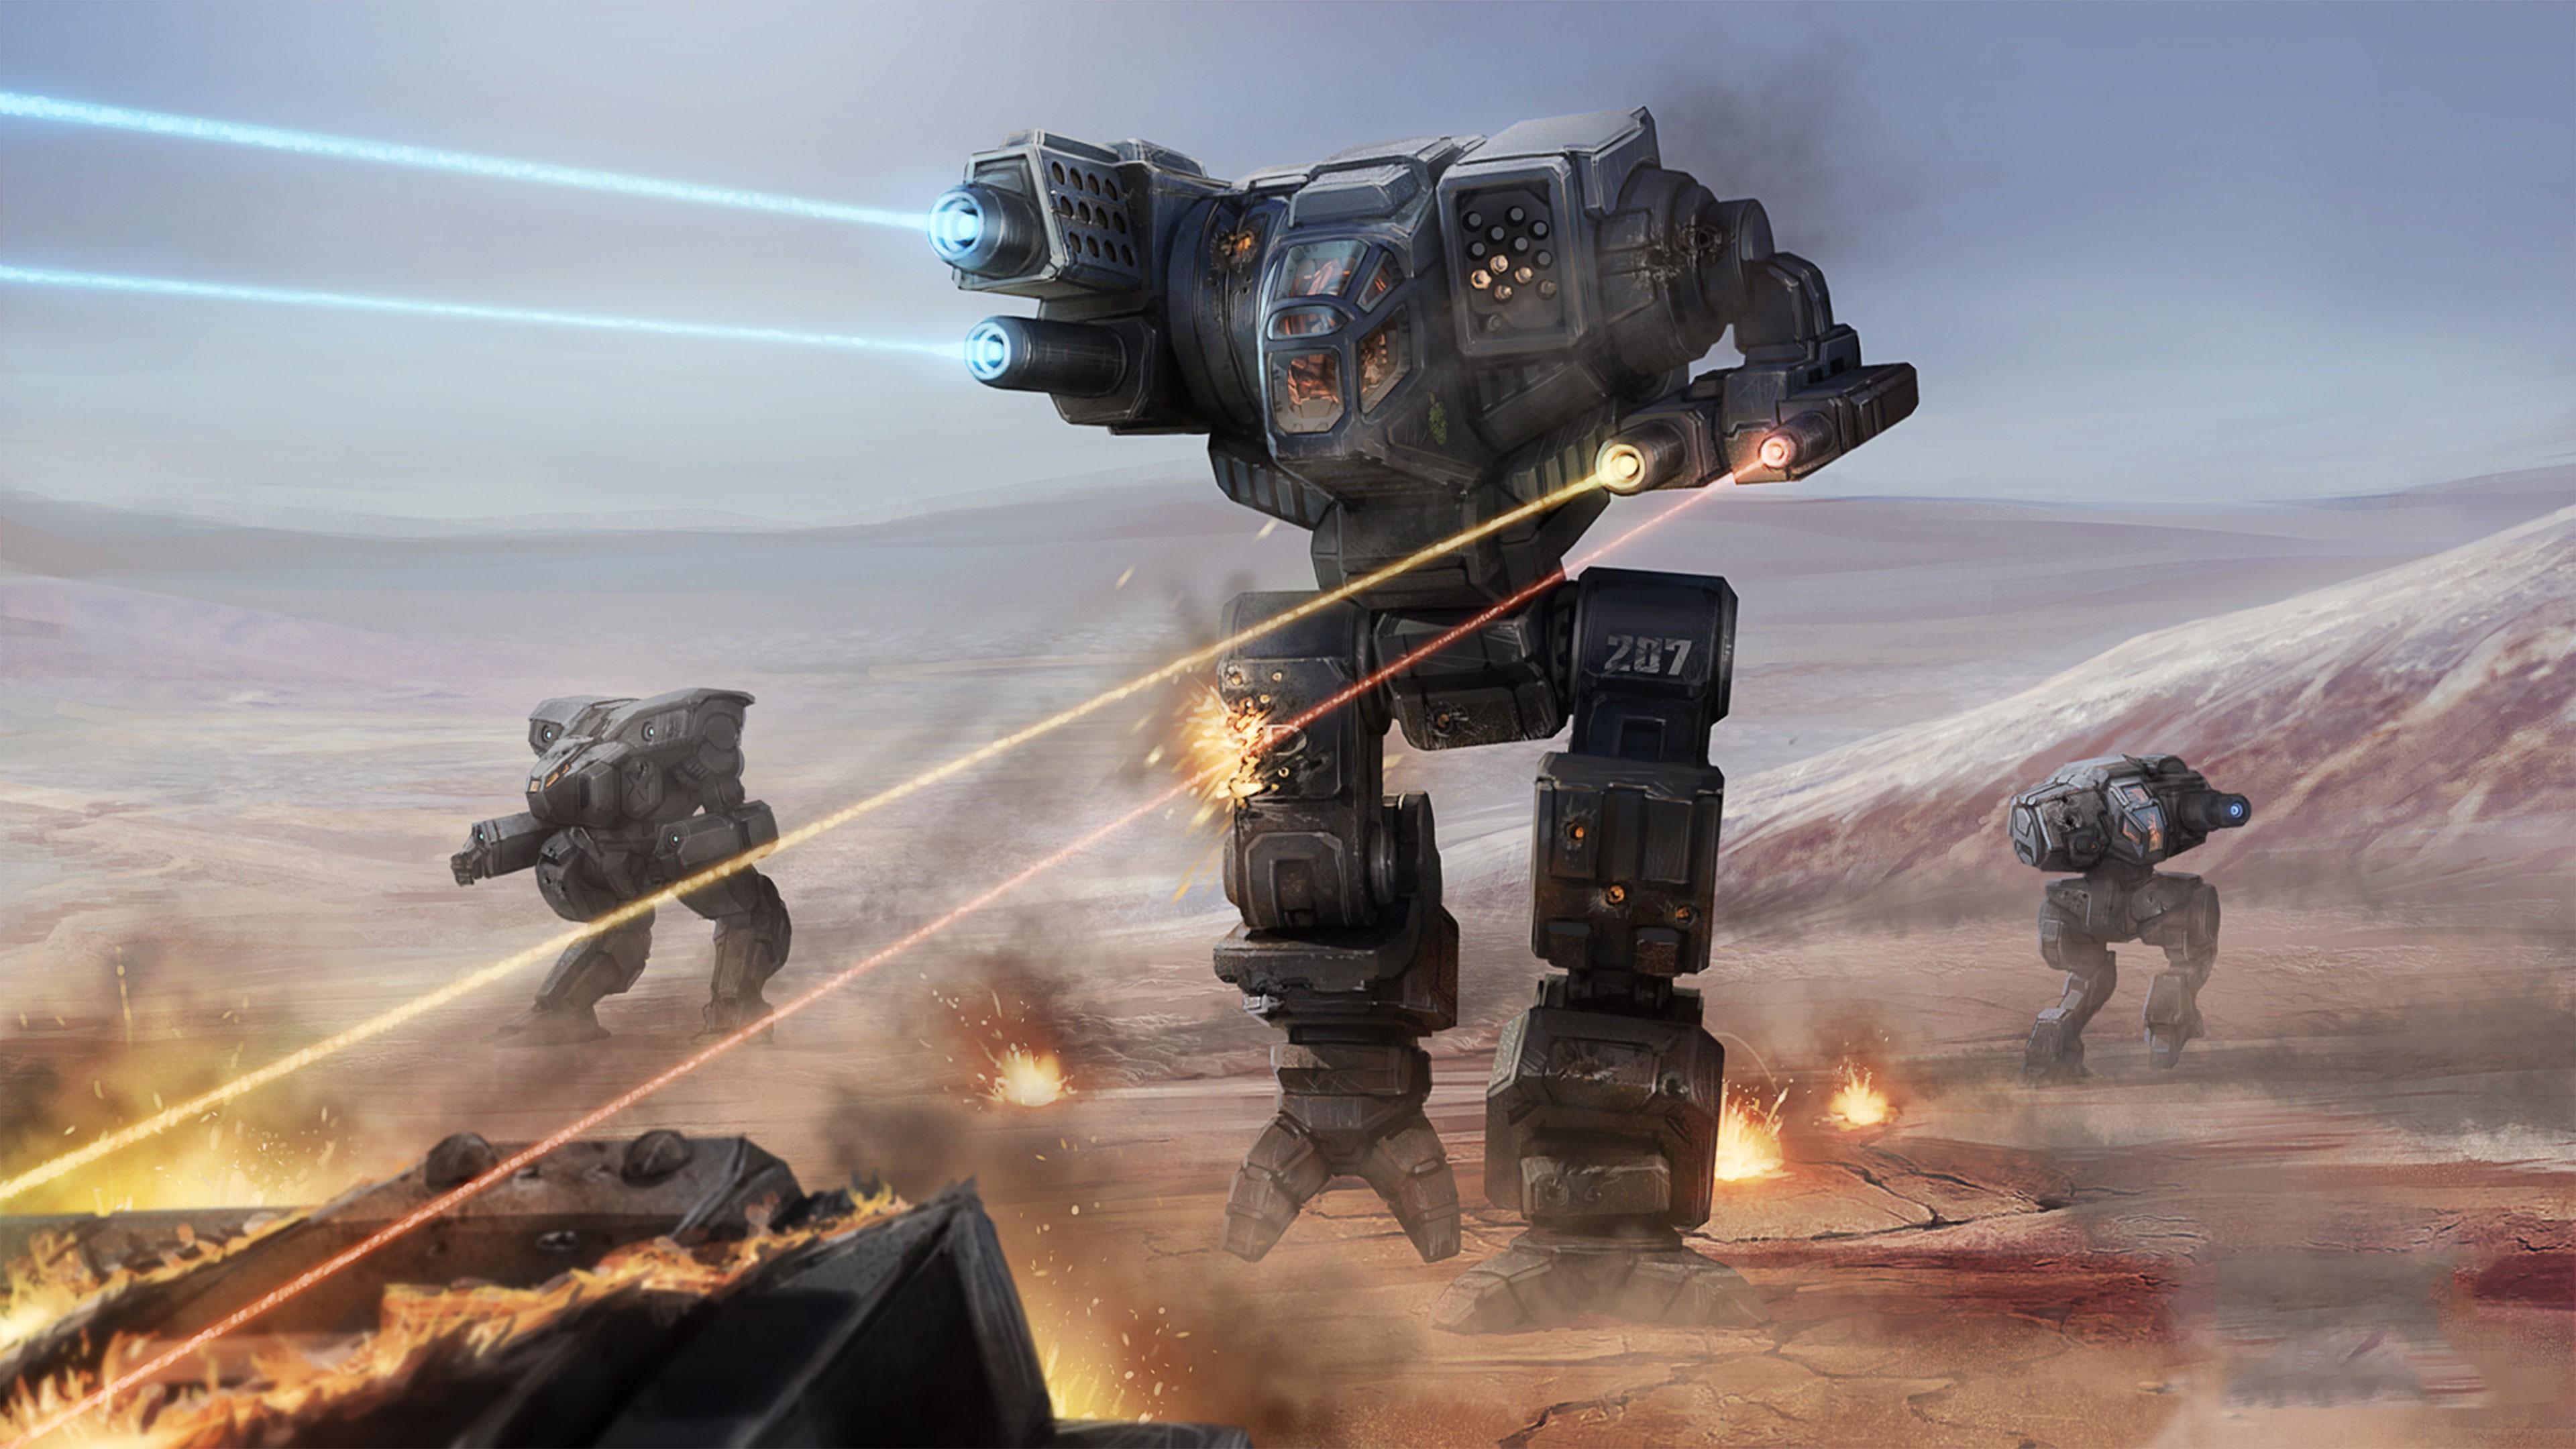 Wallpaper BattleTech, 4k, E3 2017, screenshot, Games #14425